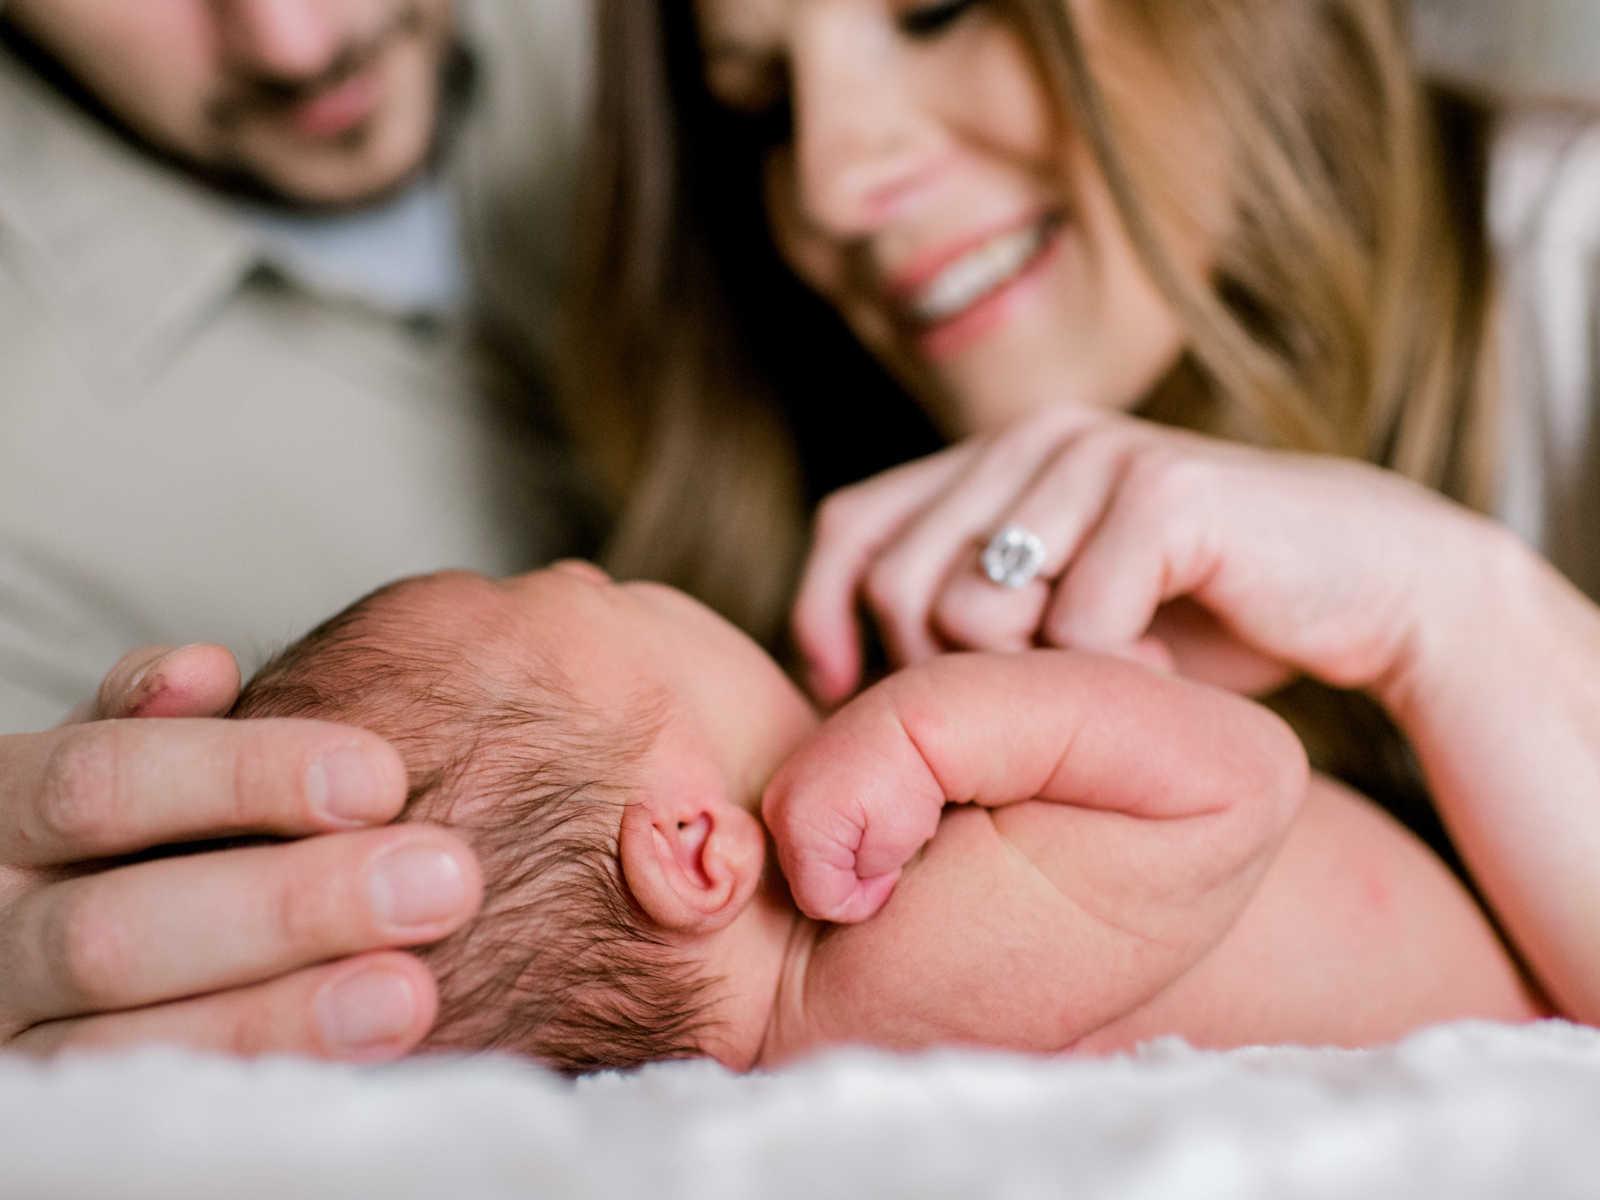 Depois de dolorosa fertilização in vitro, mãe faz linda homenagem ao filho que nasceu 5